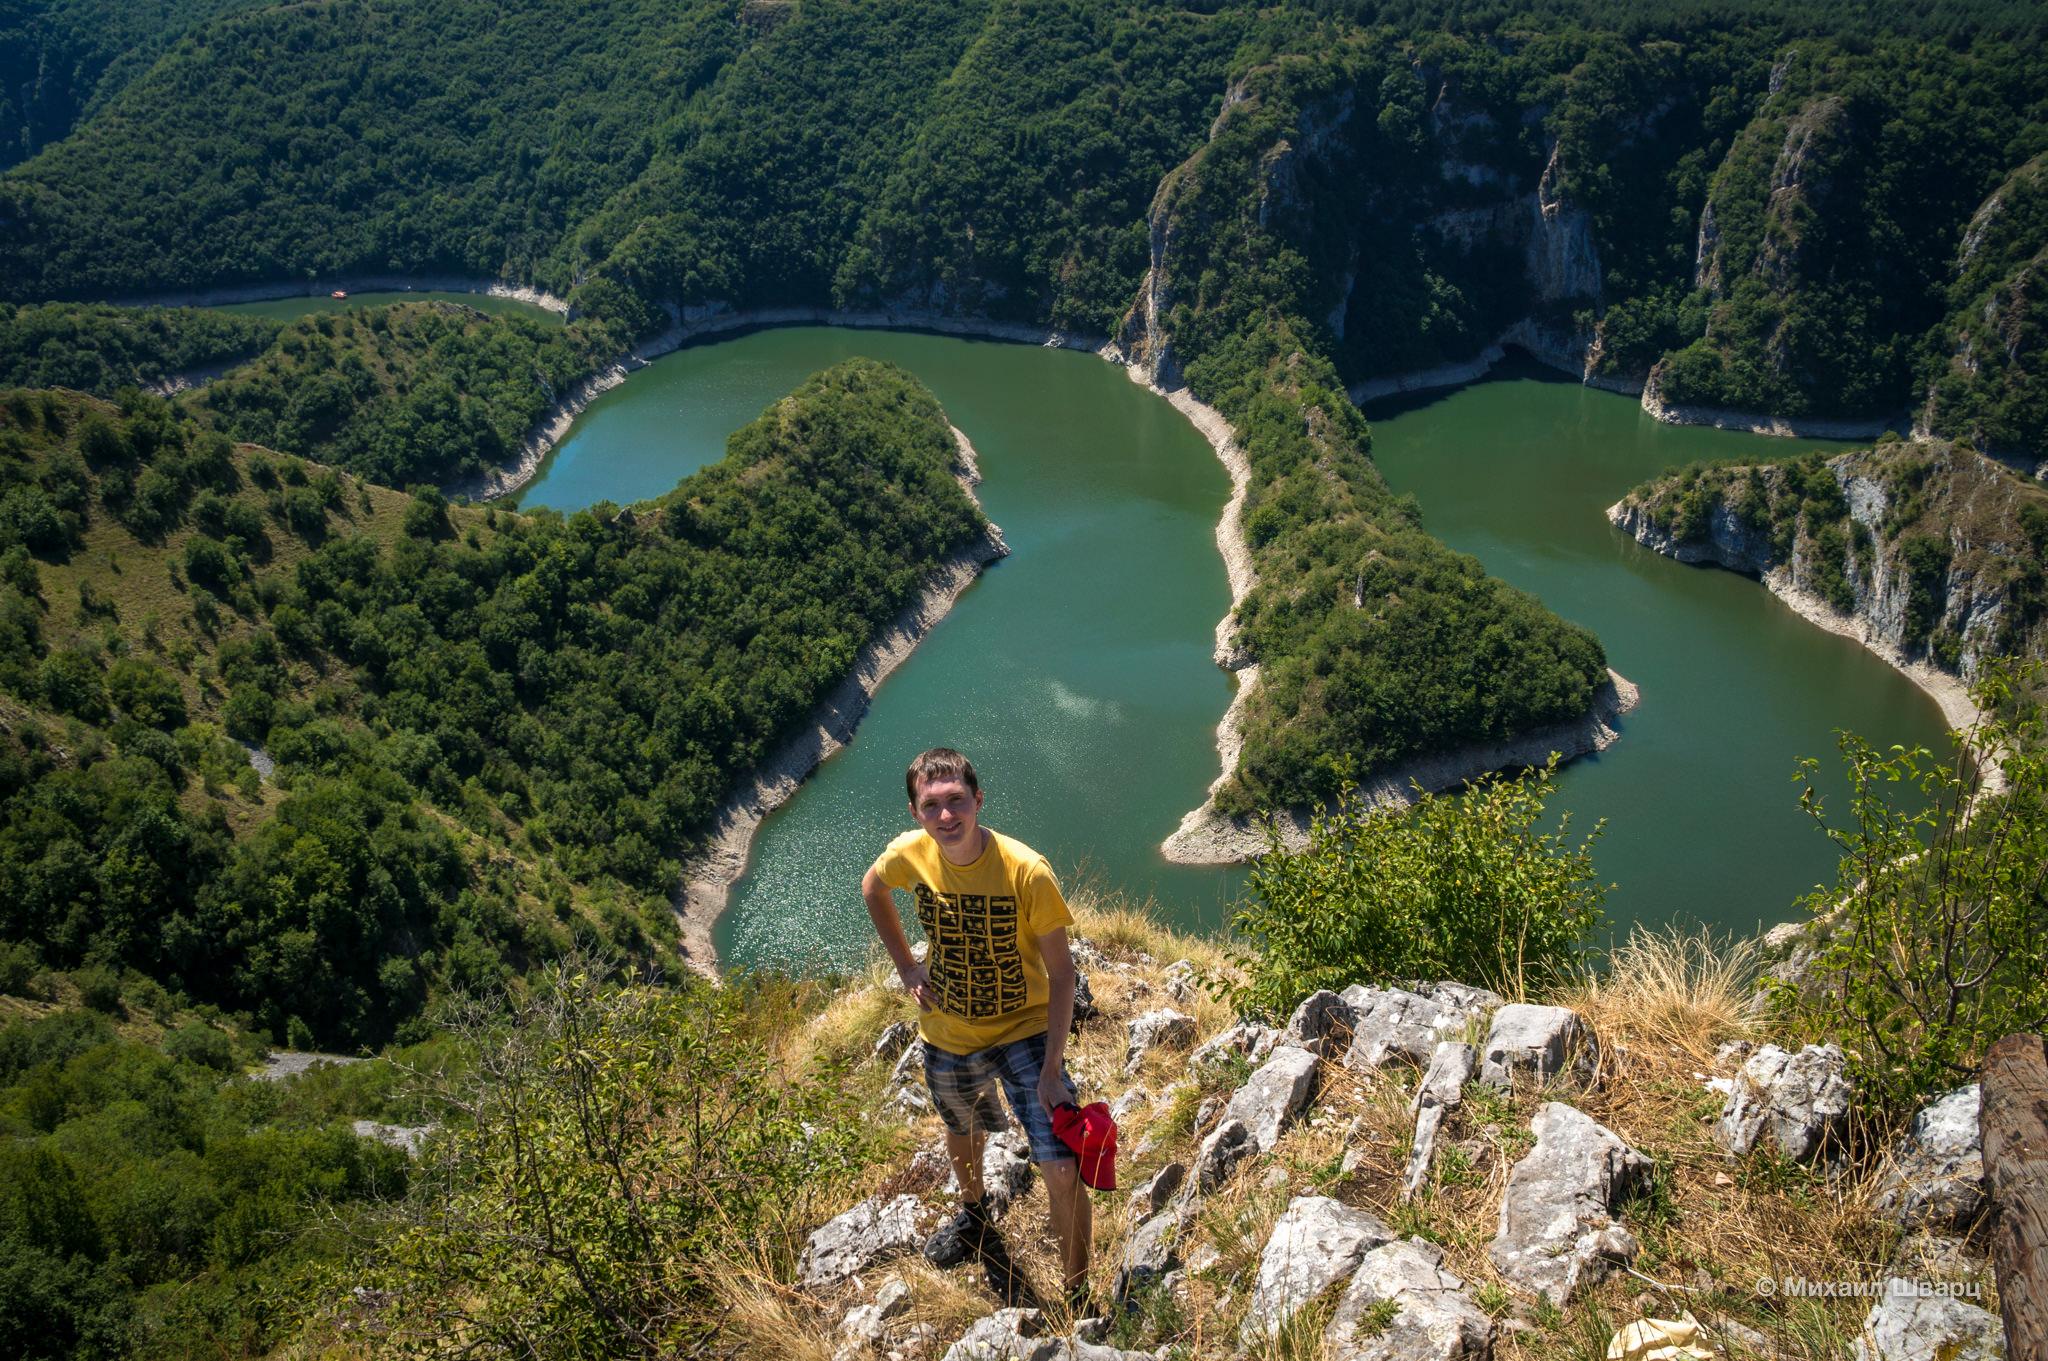 Отпуск без виз: поездка в Сербию